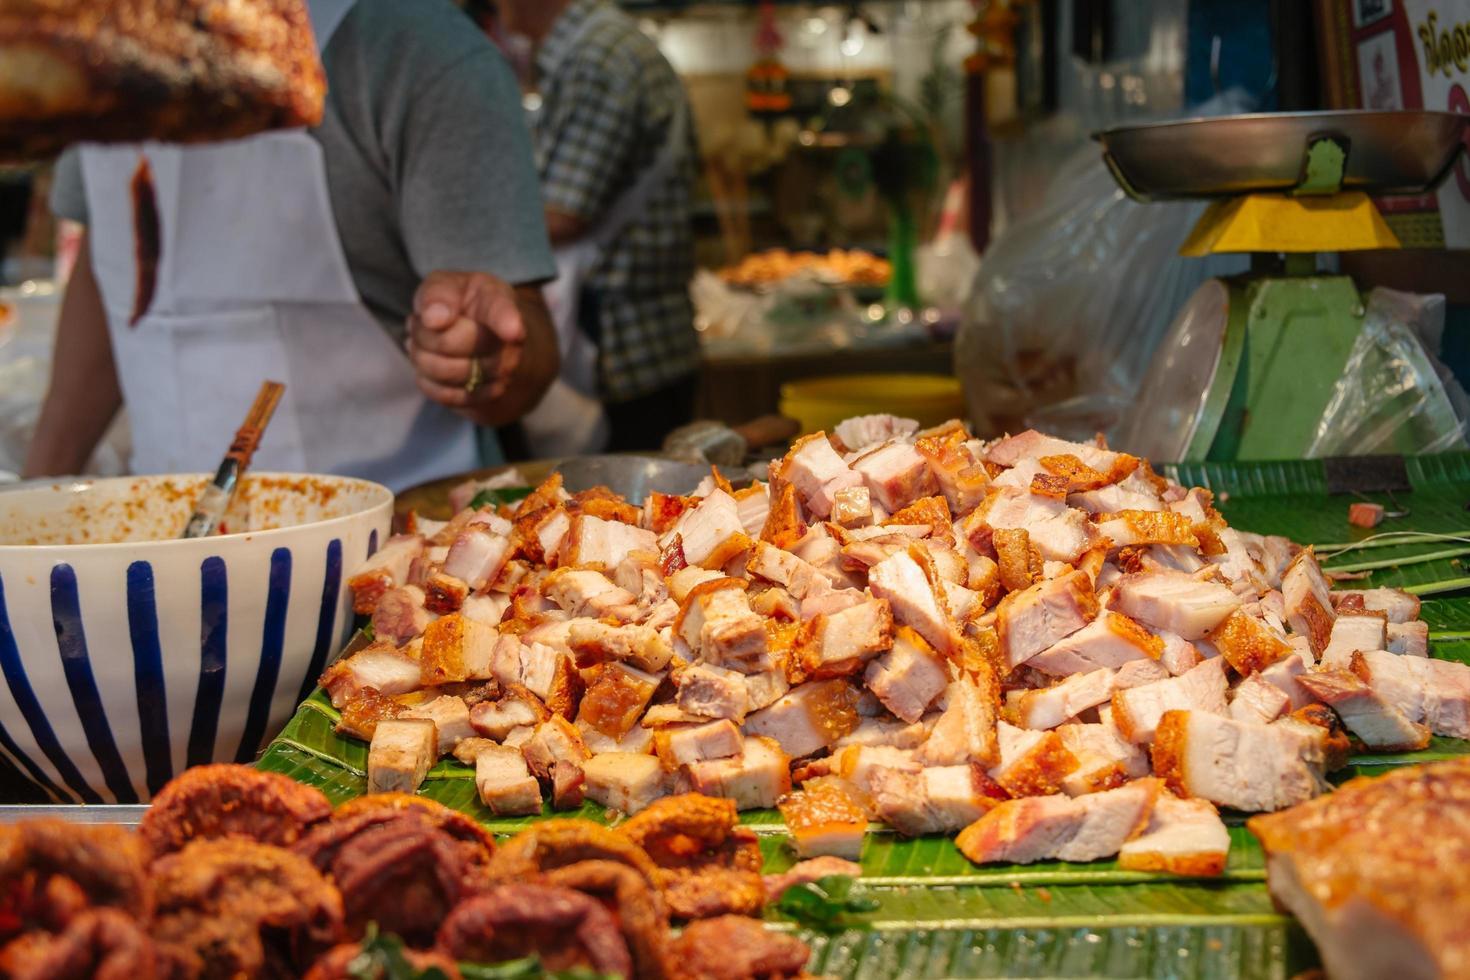 gehacktes knuspriges Schweinefleisch auf Bananenblättern zu verkaufen foto